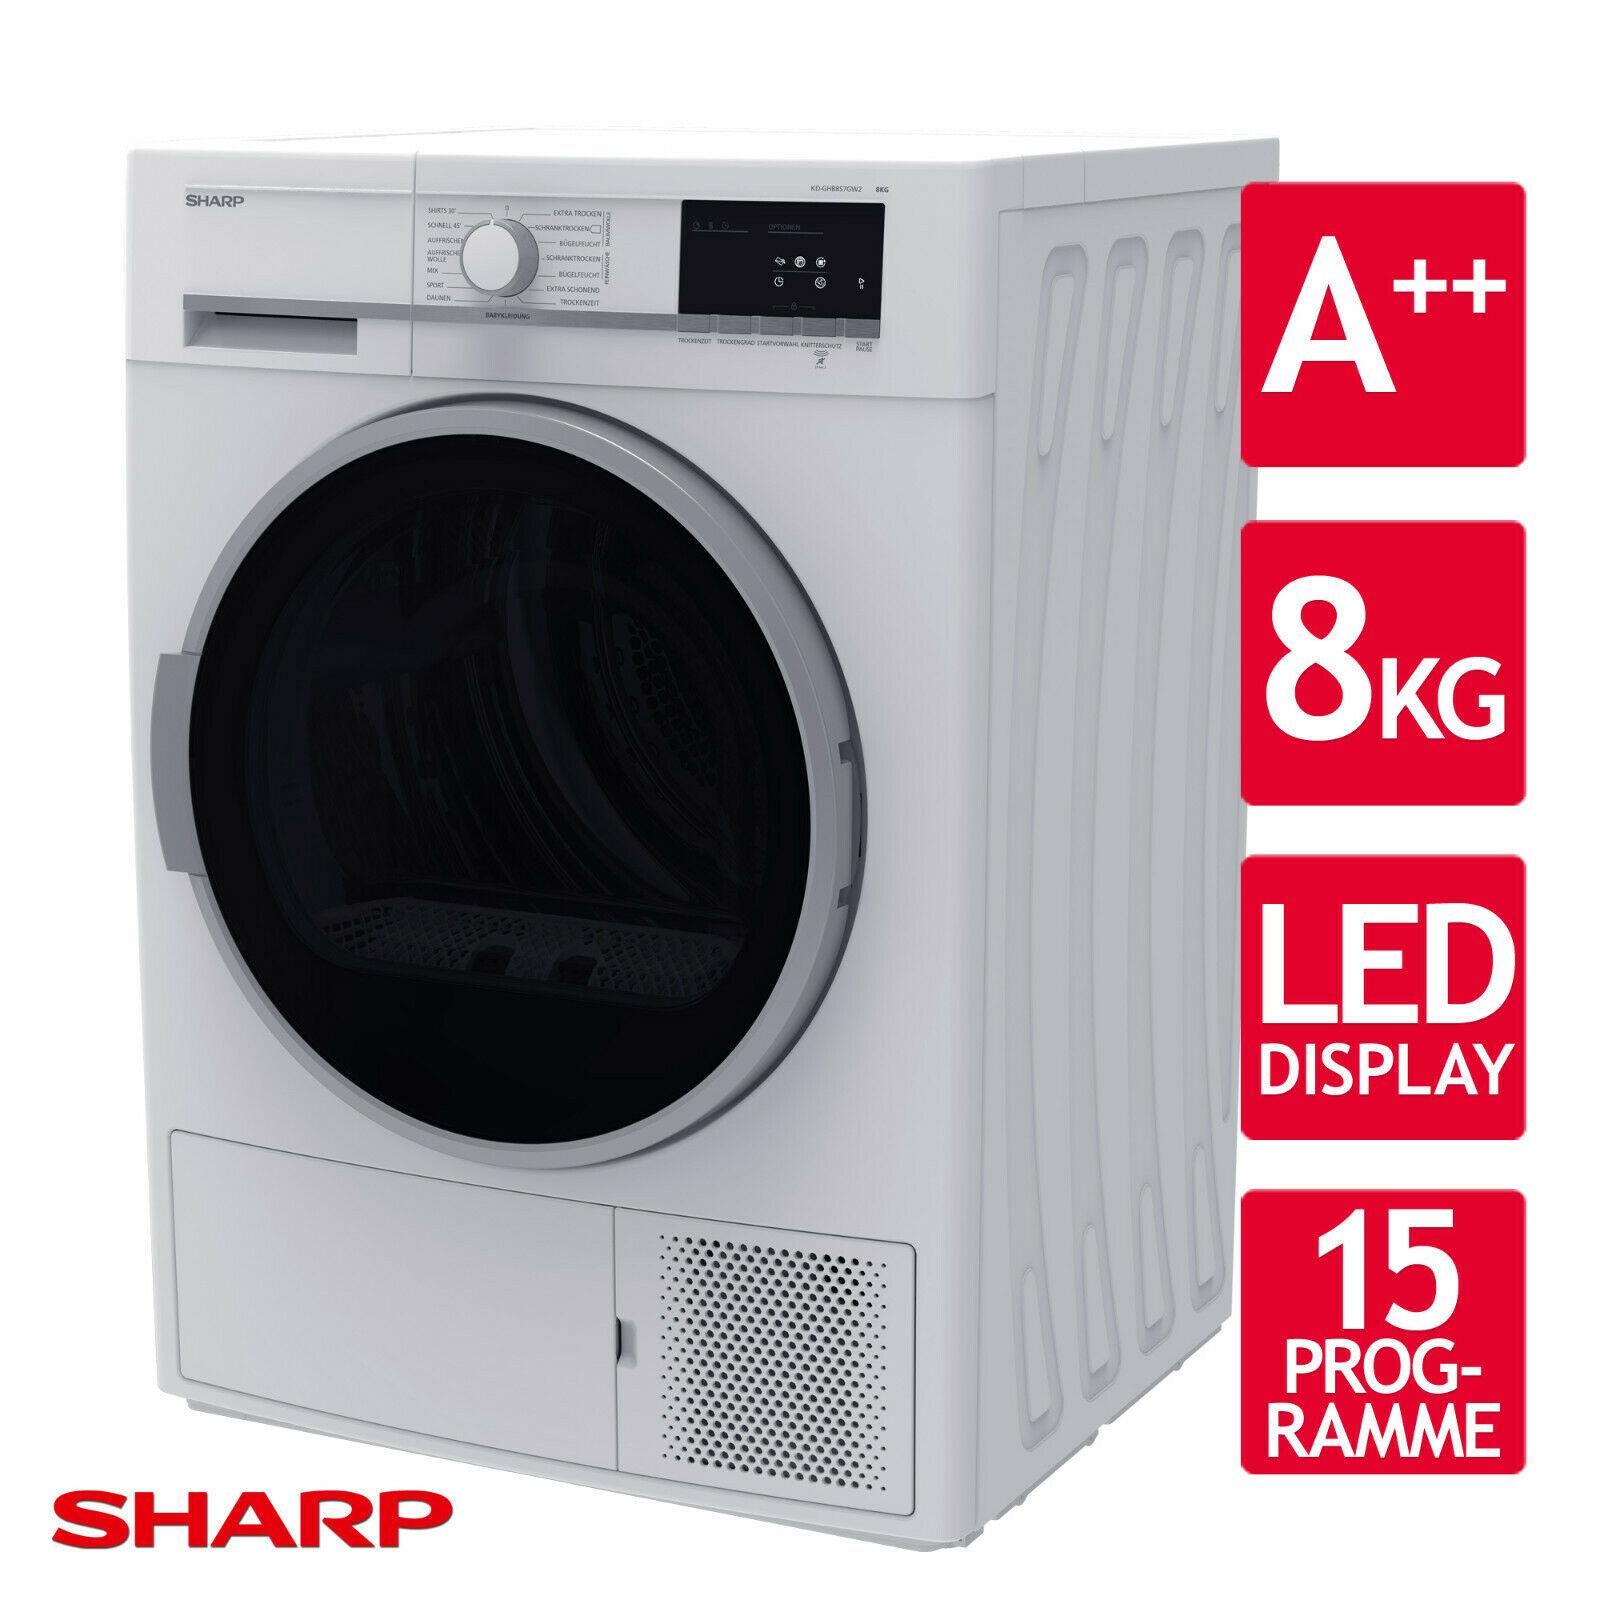 Bild zu 8 kg Wärmepumpentrockner Sharp KD-GHB8S7GW2 (A++) für 359,90€ (Vergleich: 399€)